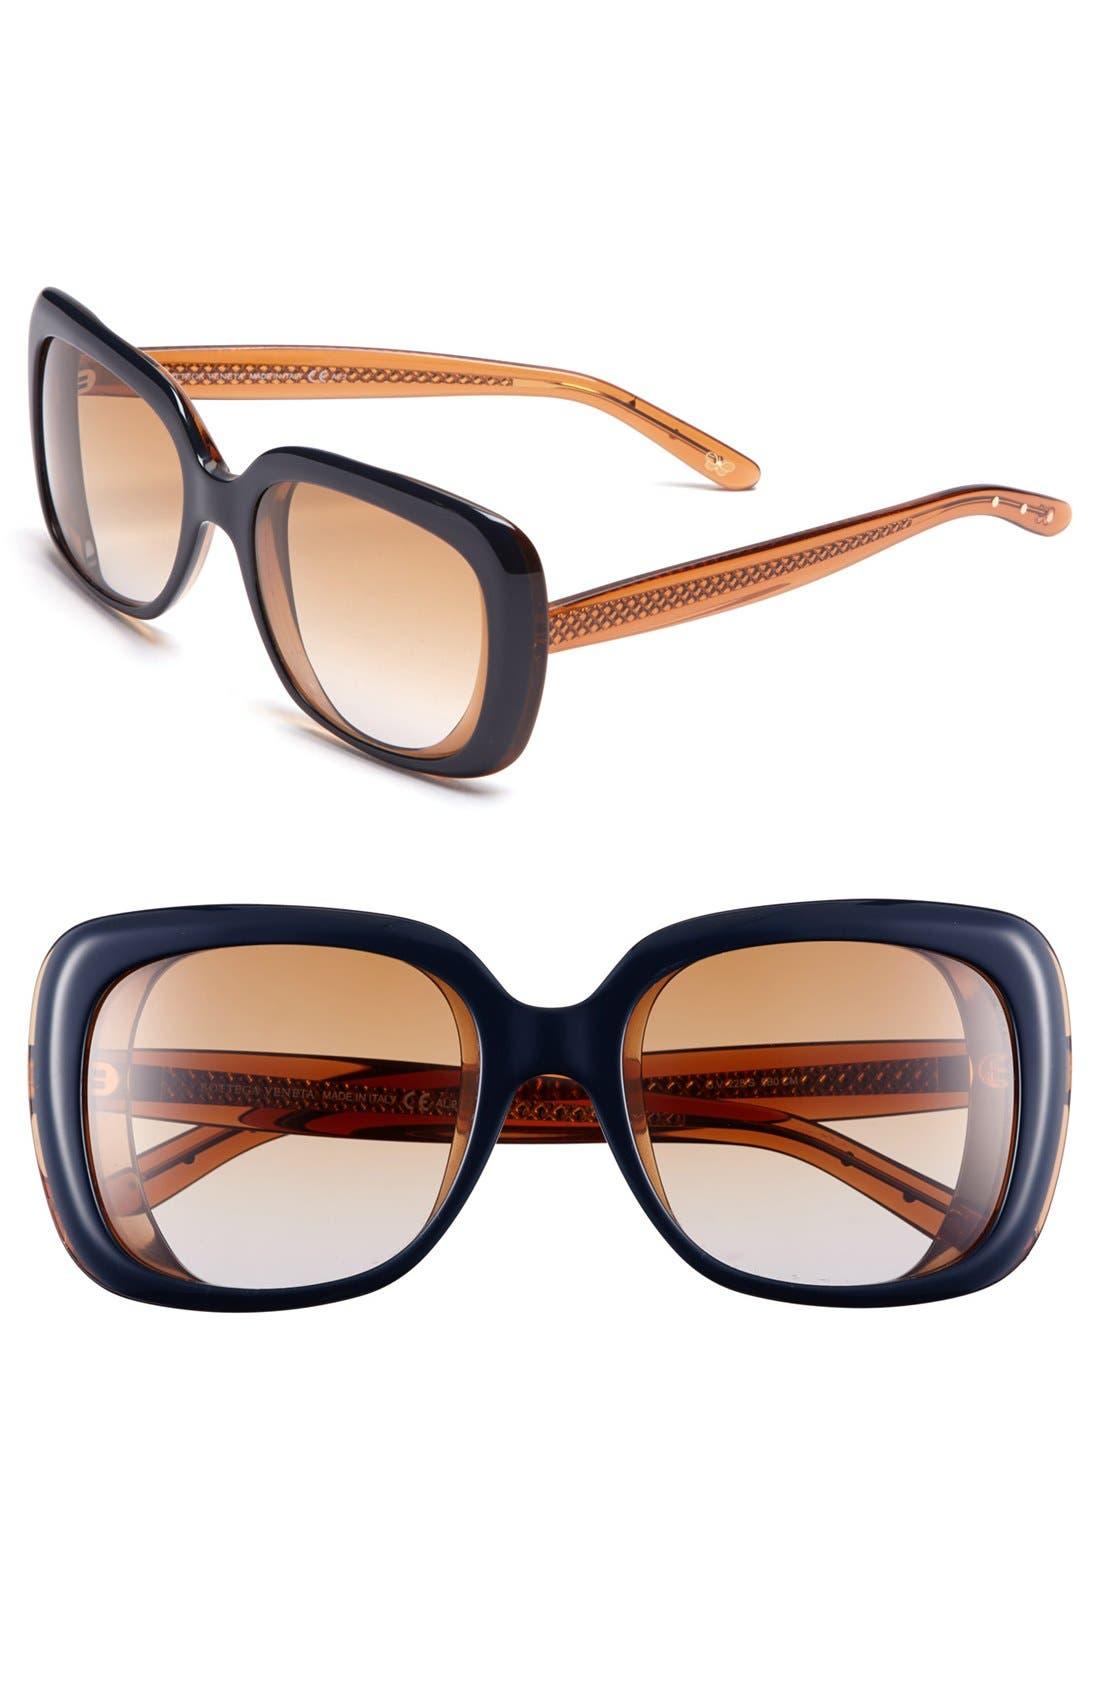 Alternate Image 1 Selected - Bottega Veneta 56mm Oversized Sunglasses